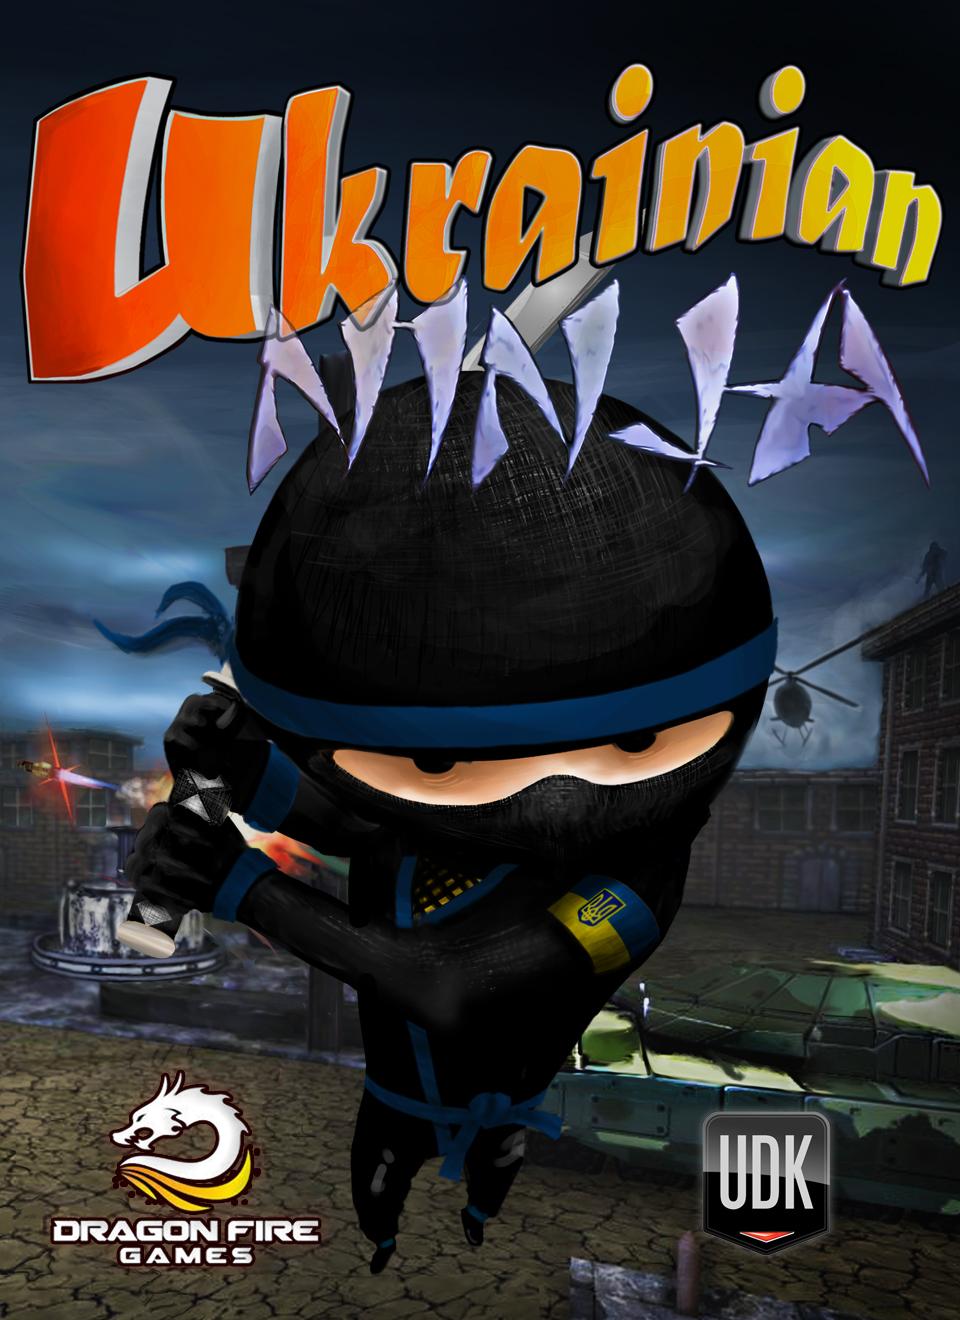 ผลการค้นหารูปภาพสำหรับ UKRAINIAN NINJA pc